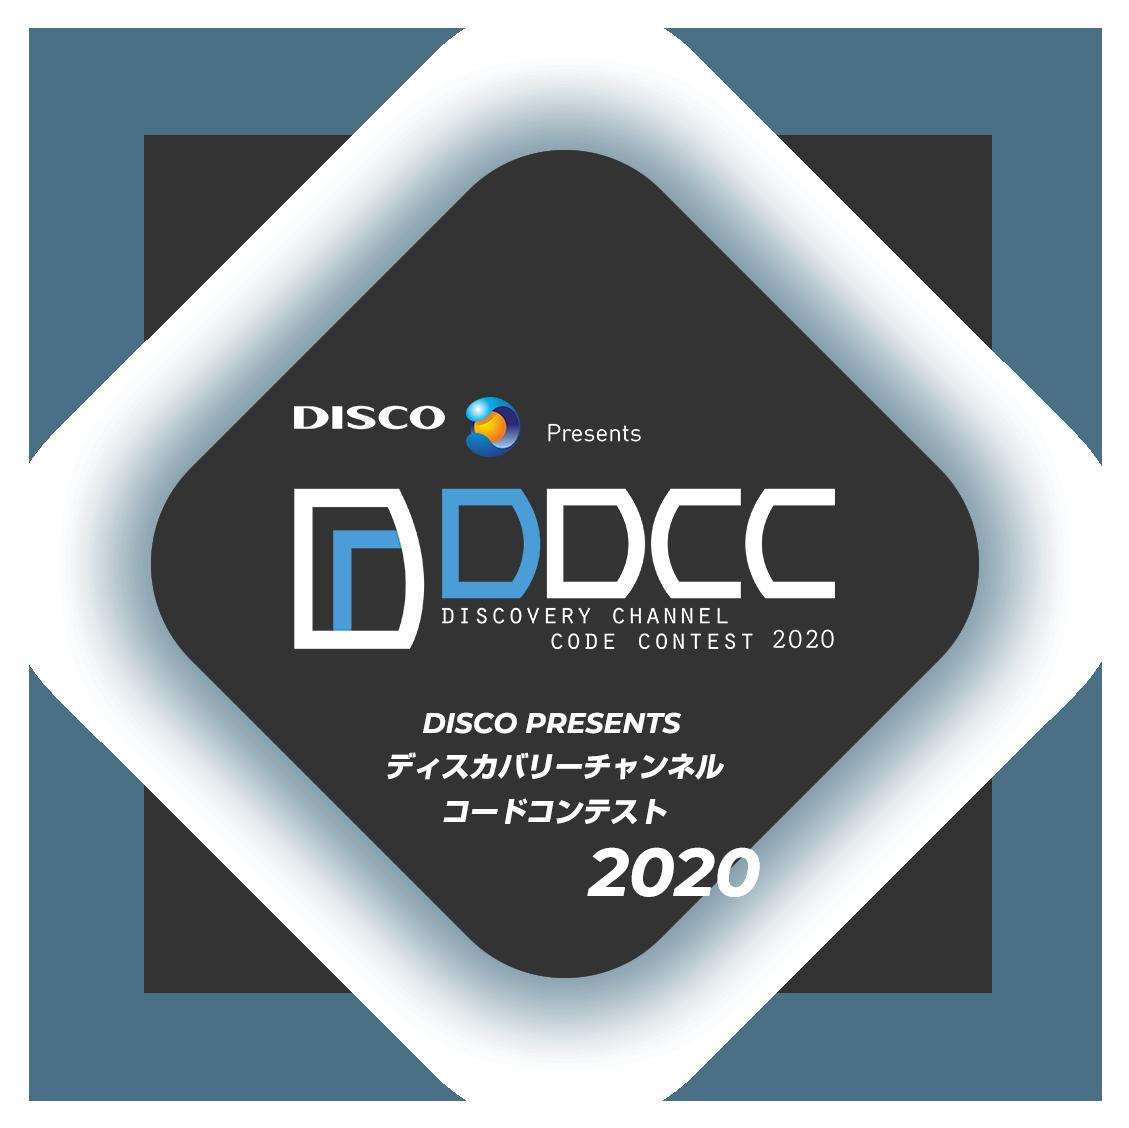 ディスカバリーチャンネル コードコンテスト2020 DDCC2020